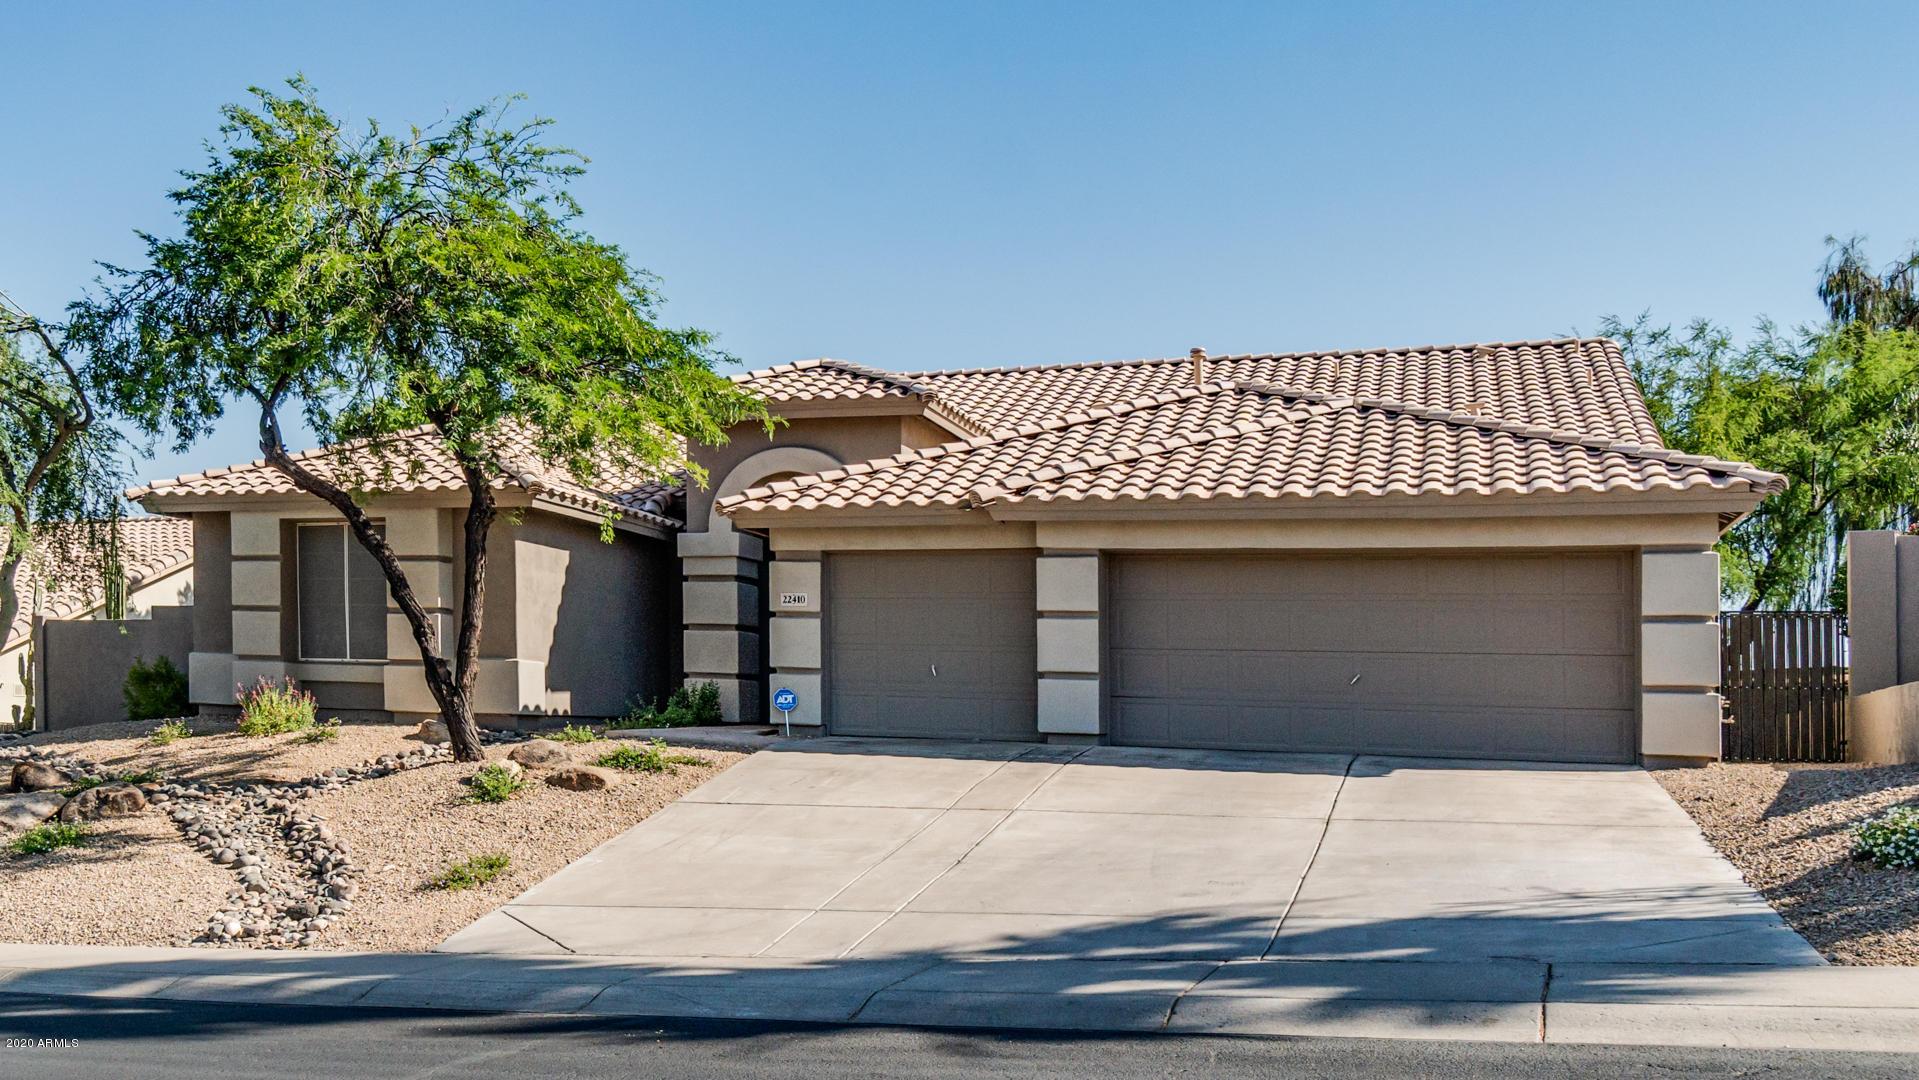 Photo of 22410 N 59TH Lane, Glendale, AZ 85308